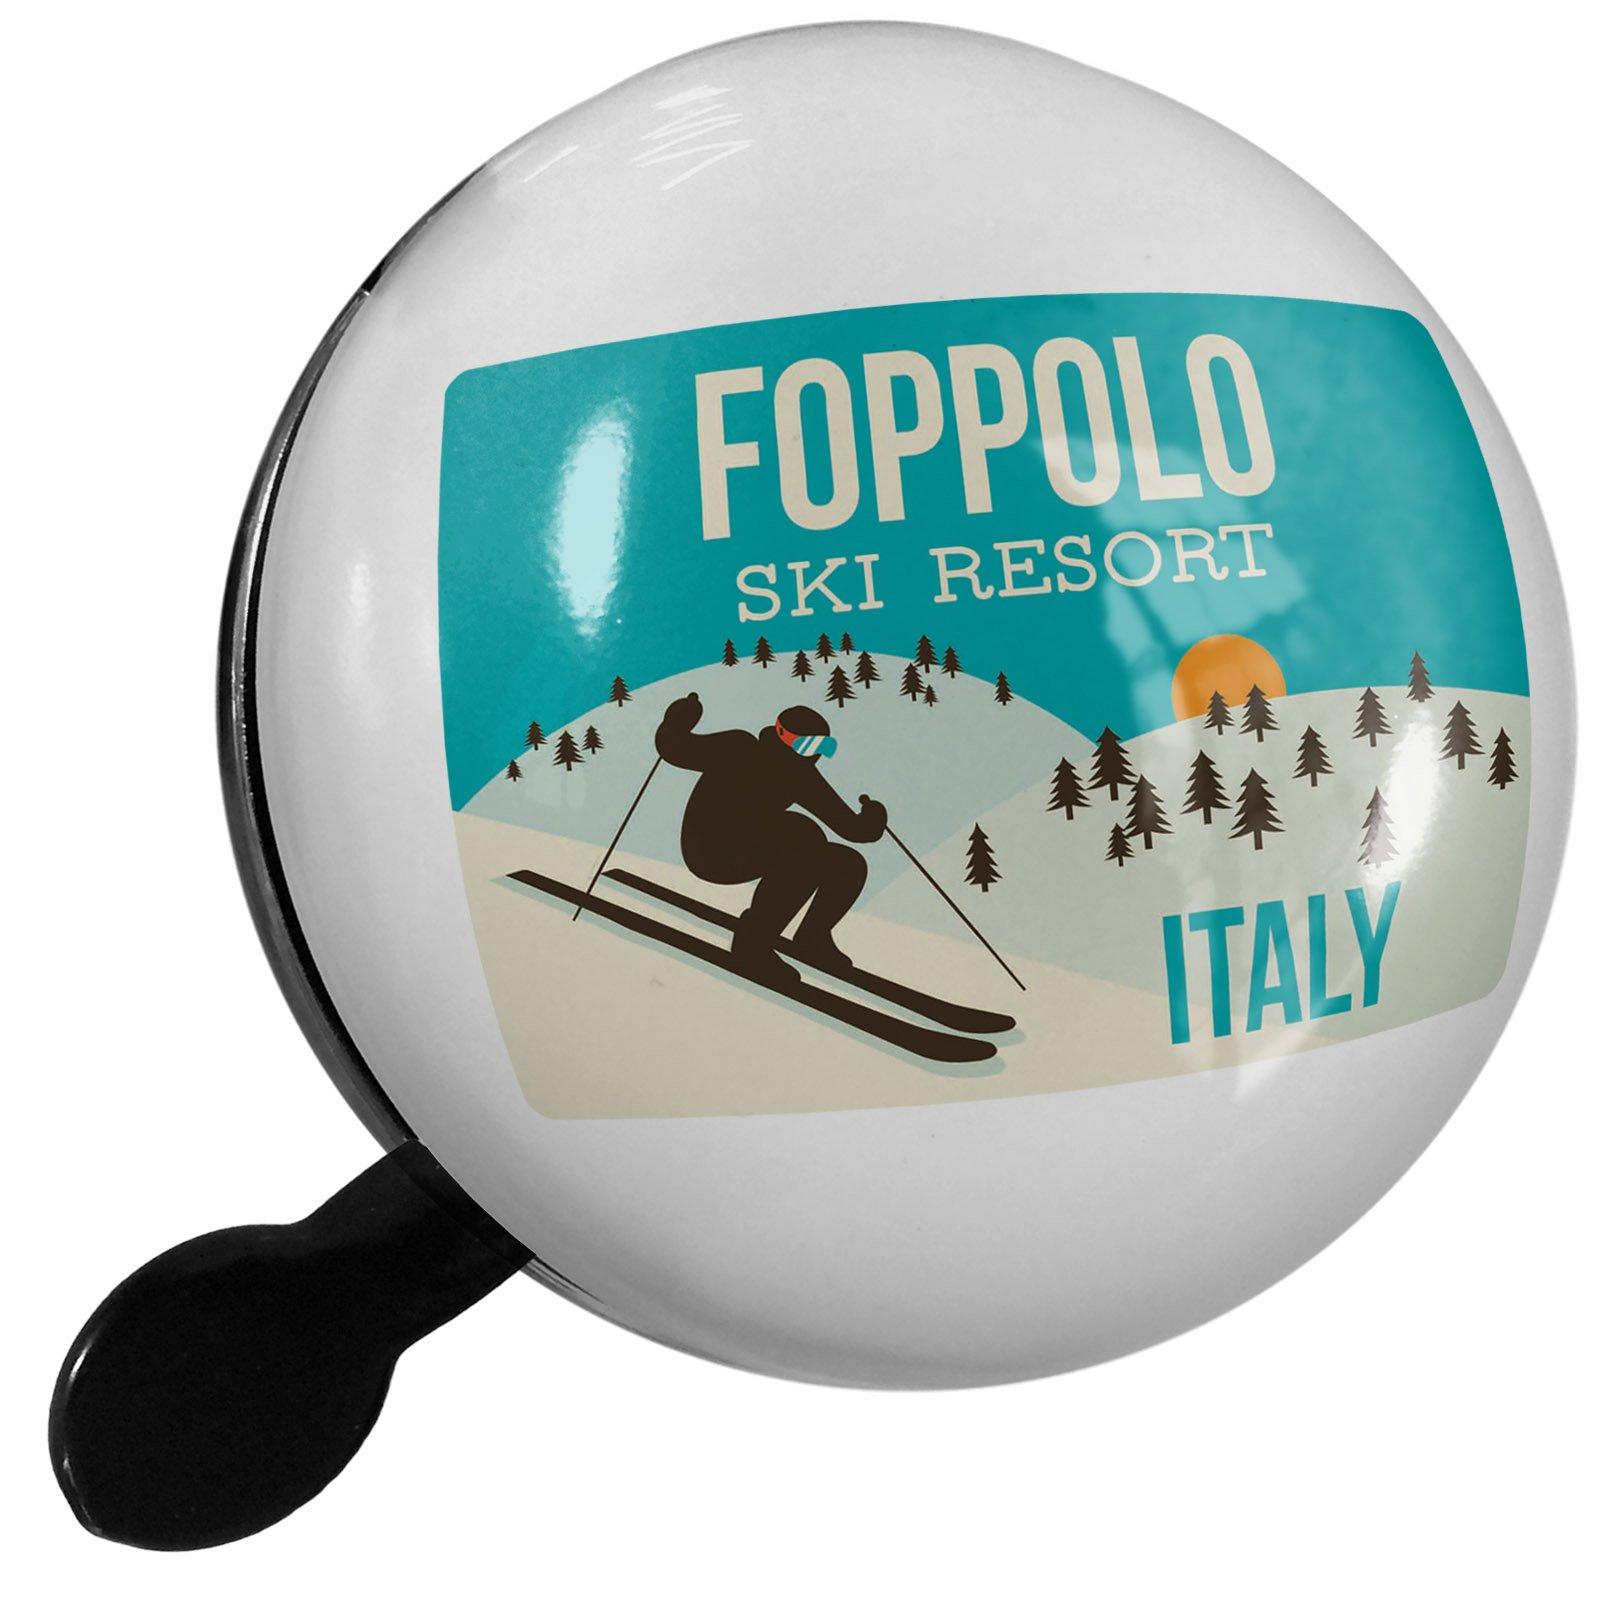 Small Bike Bell Foppolo Ski Resort - Italy Ski Resort - NEONBLOND